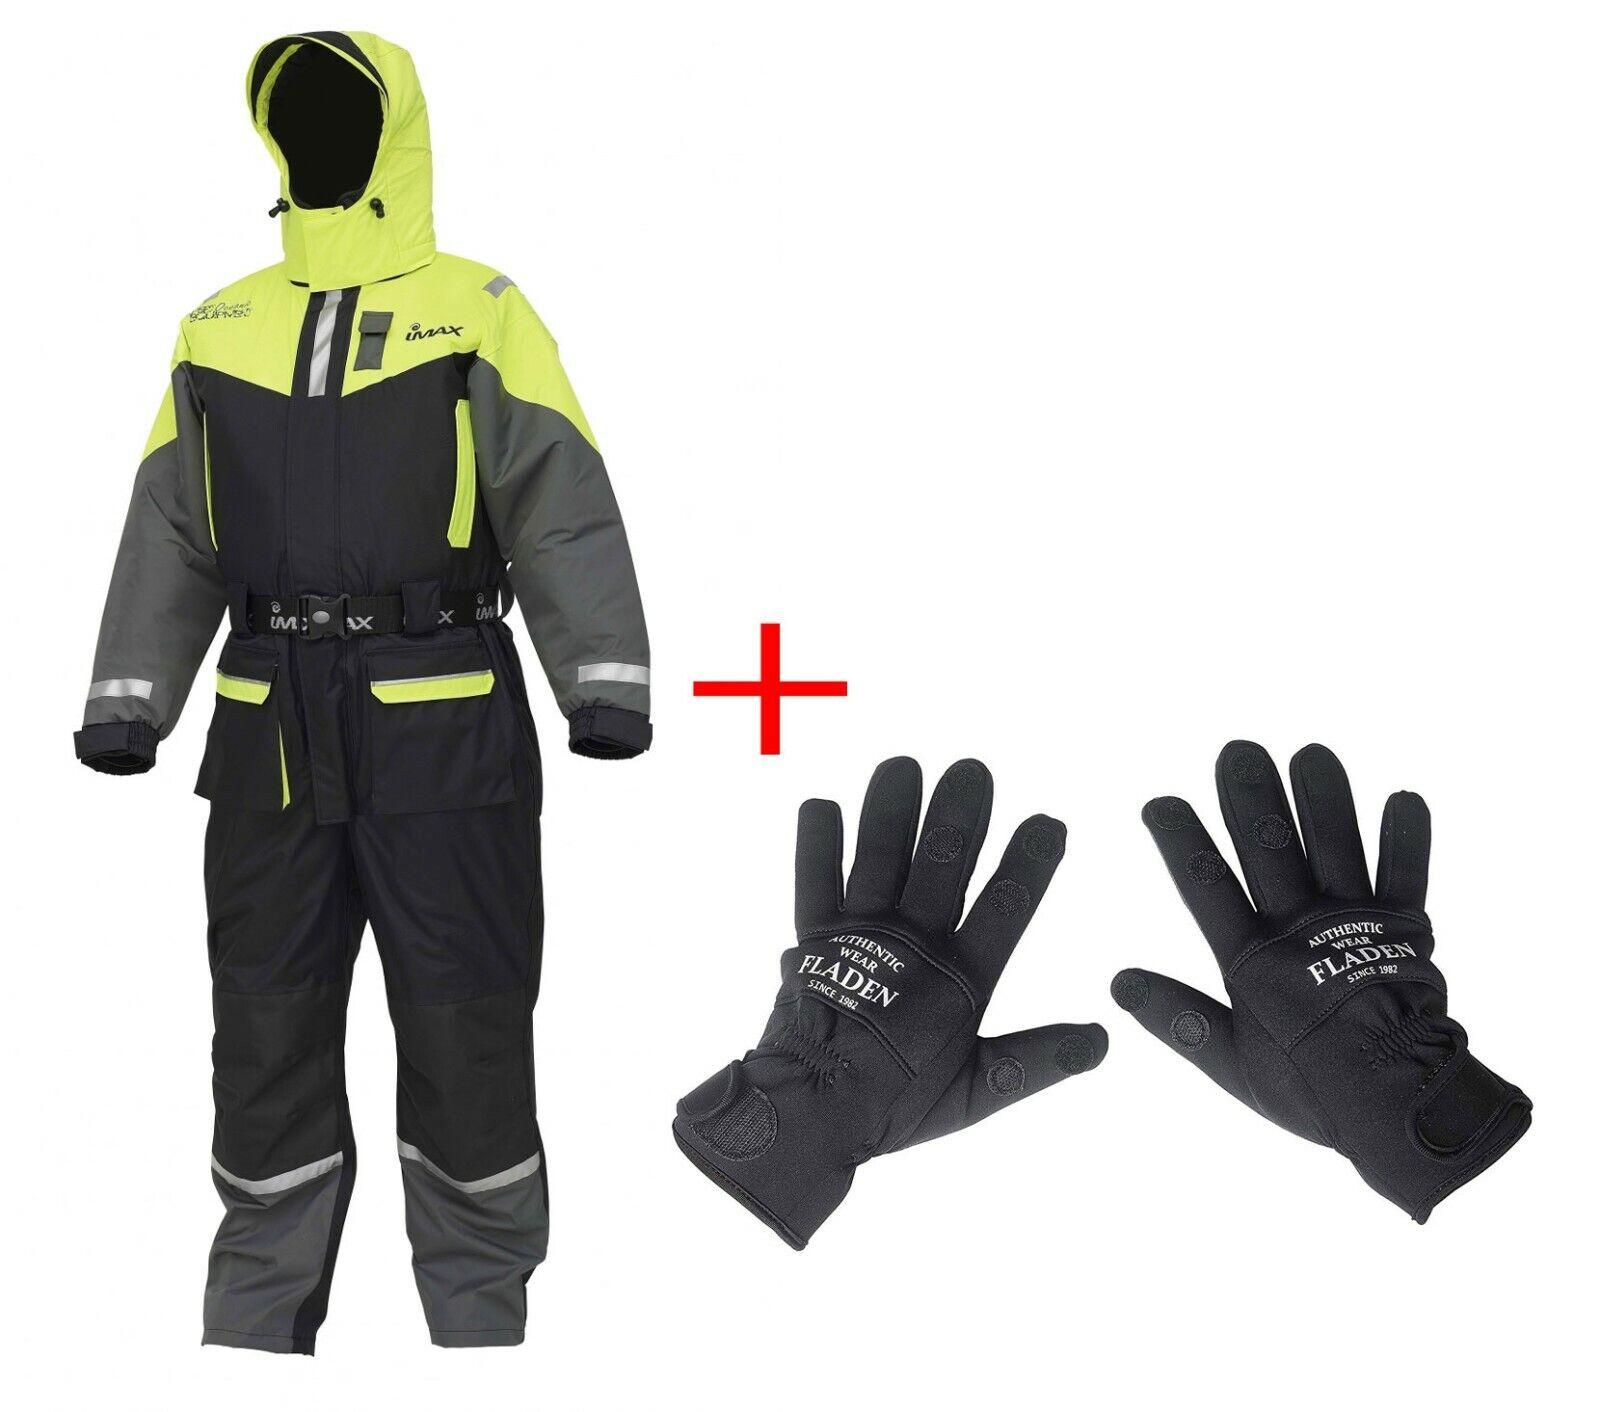 Imax Sea Wave Flotation Suit met GRATIS Neopreen handschoenen